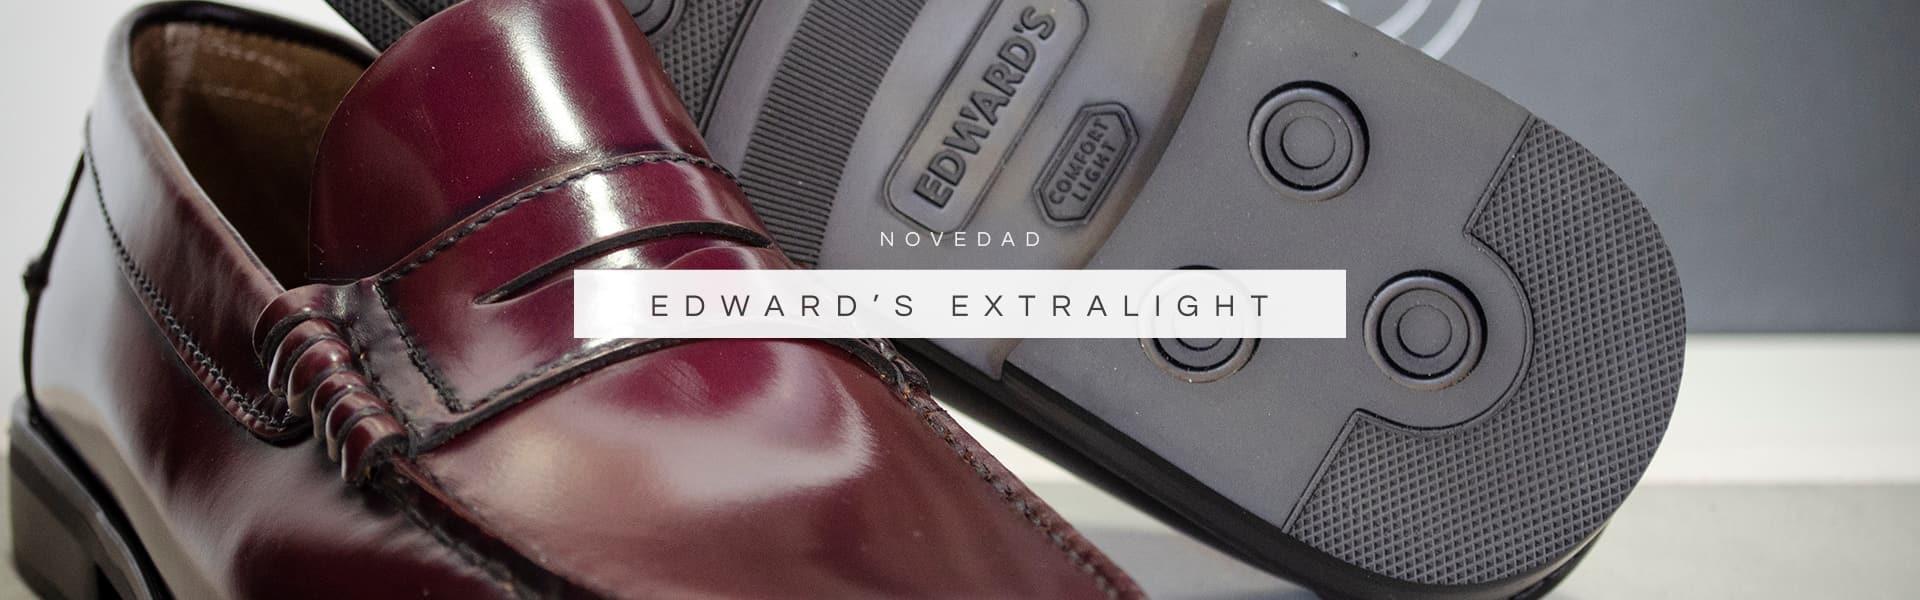 Zapatos Edward's con suela Extralight